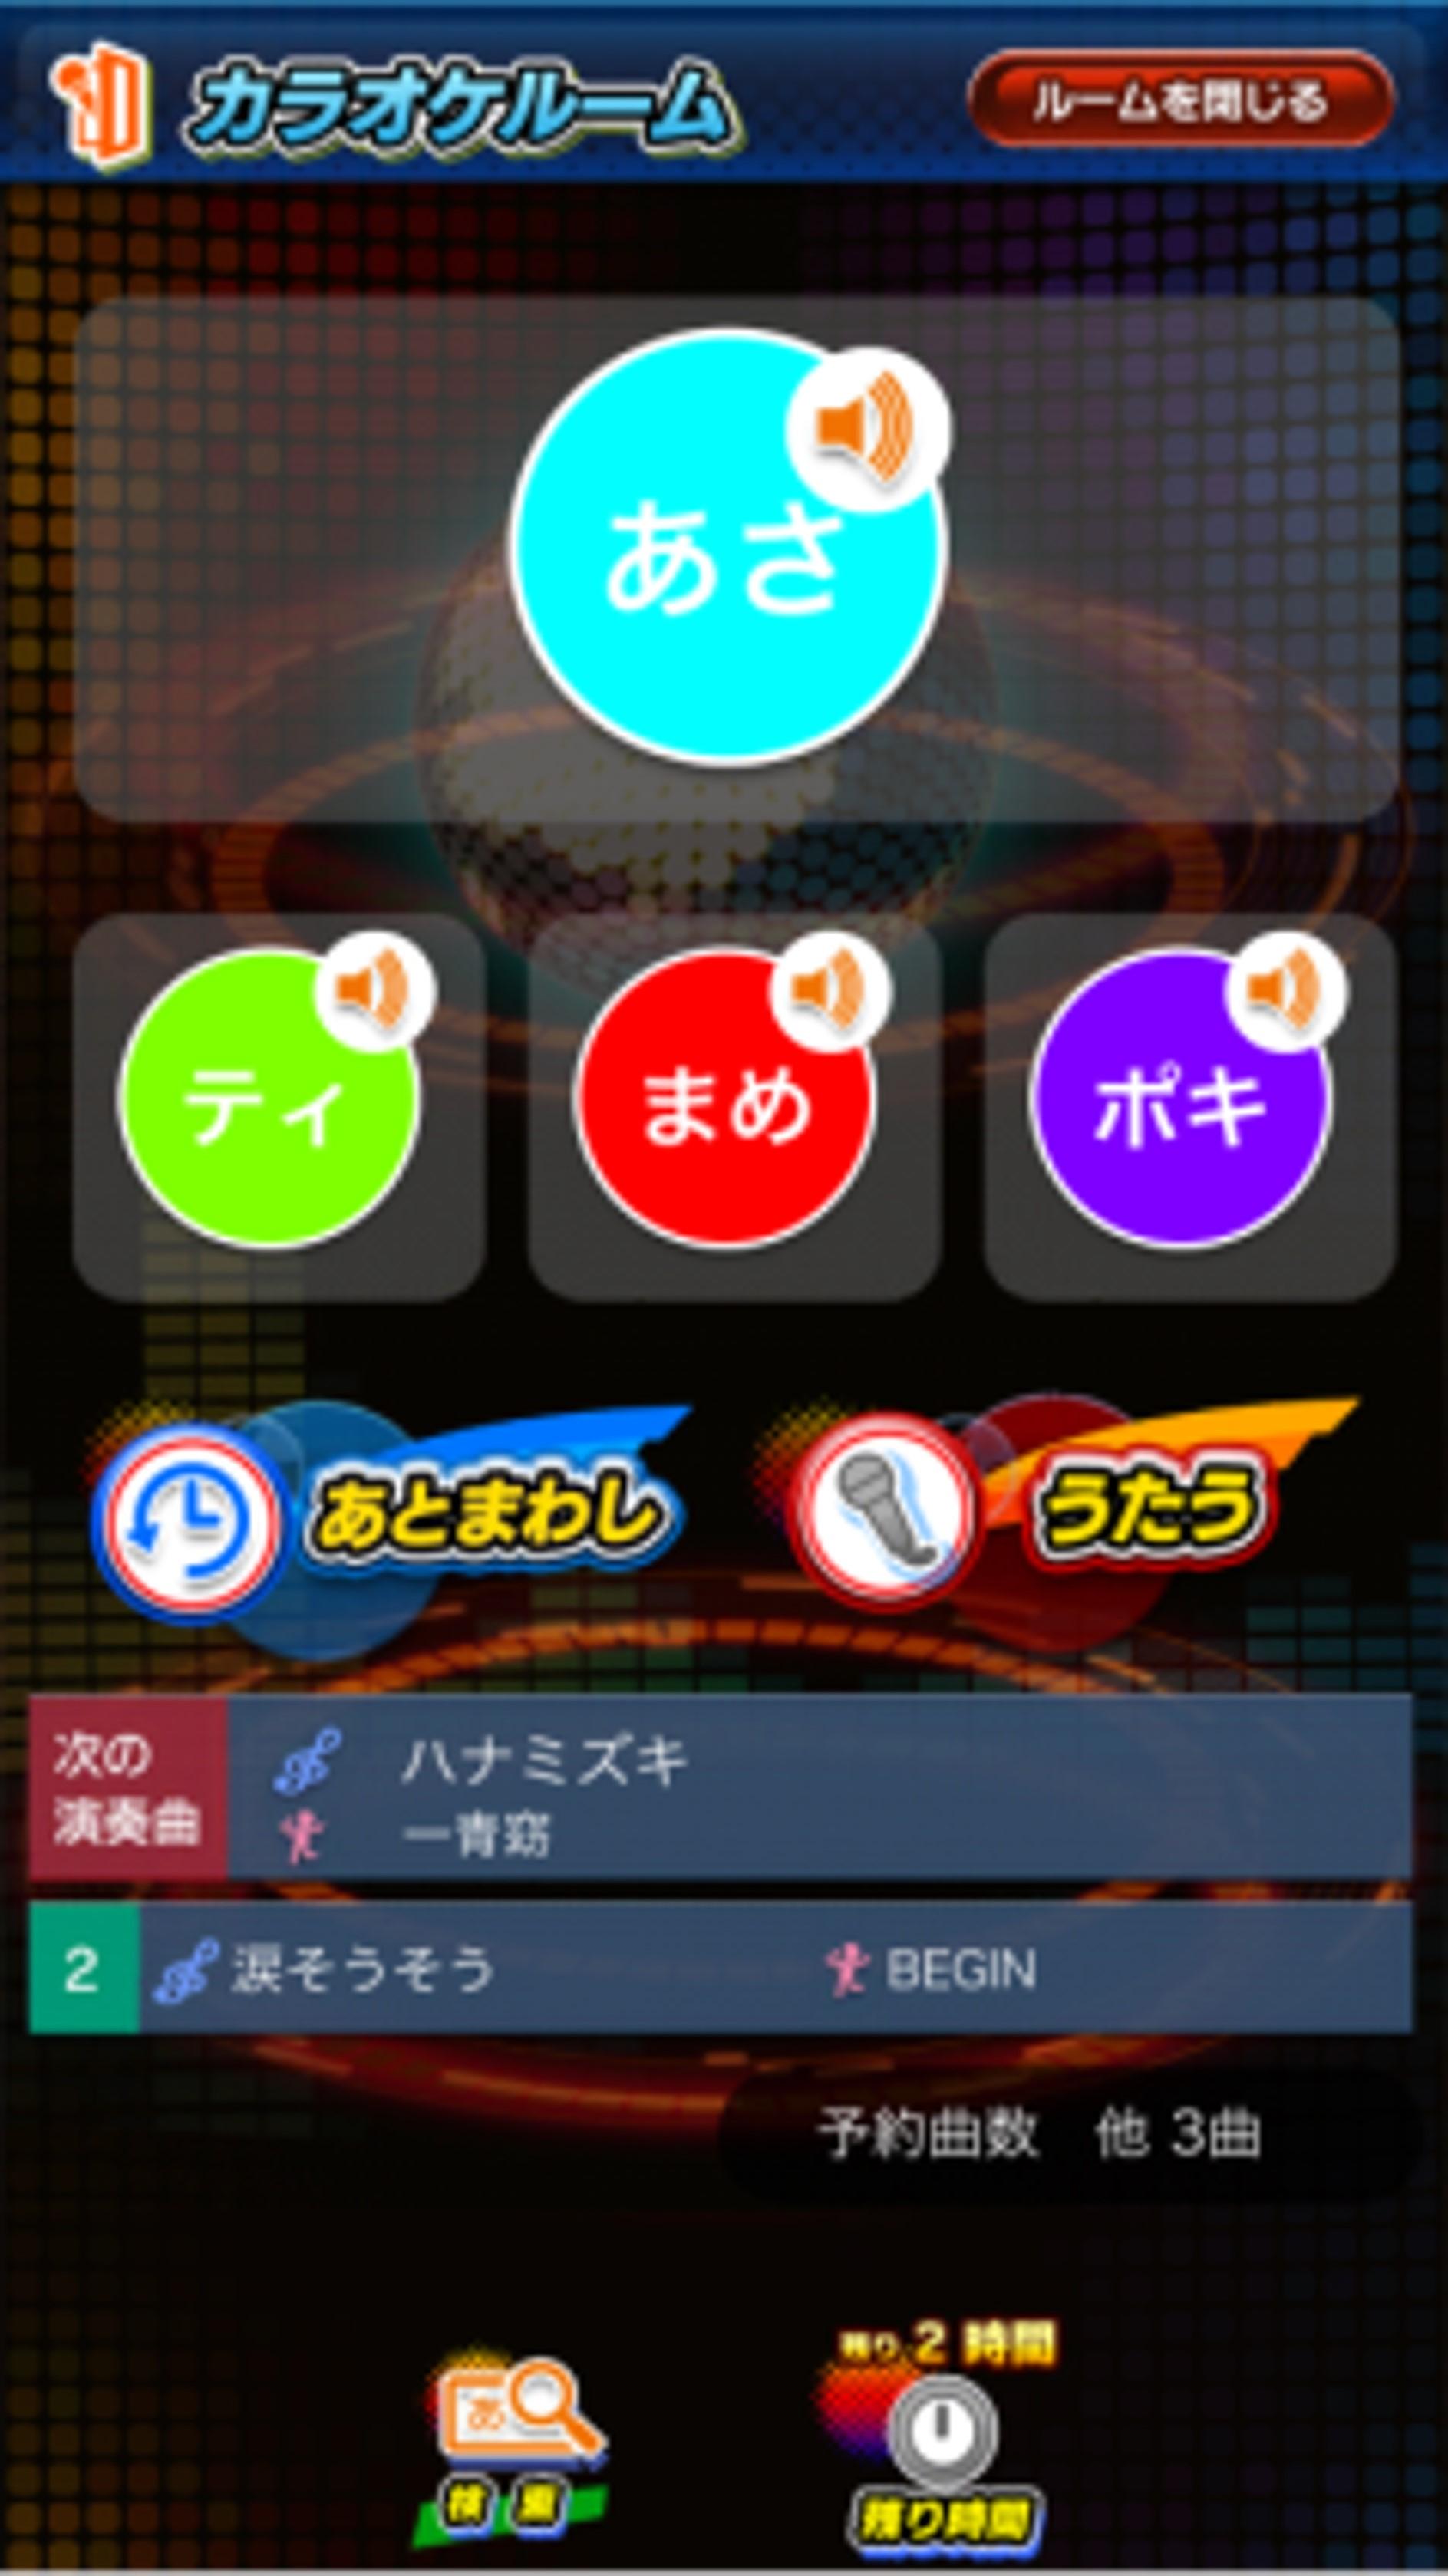 リモートチャット画面